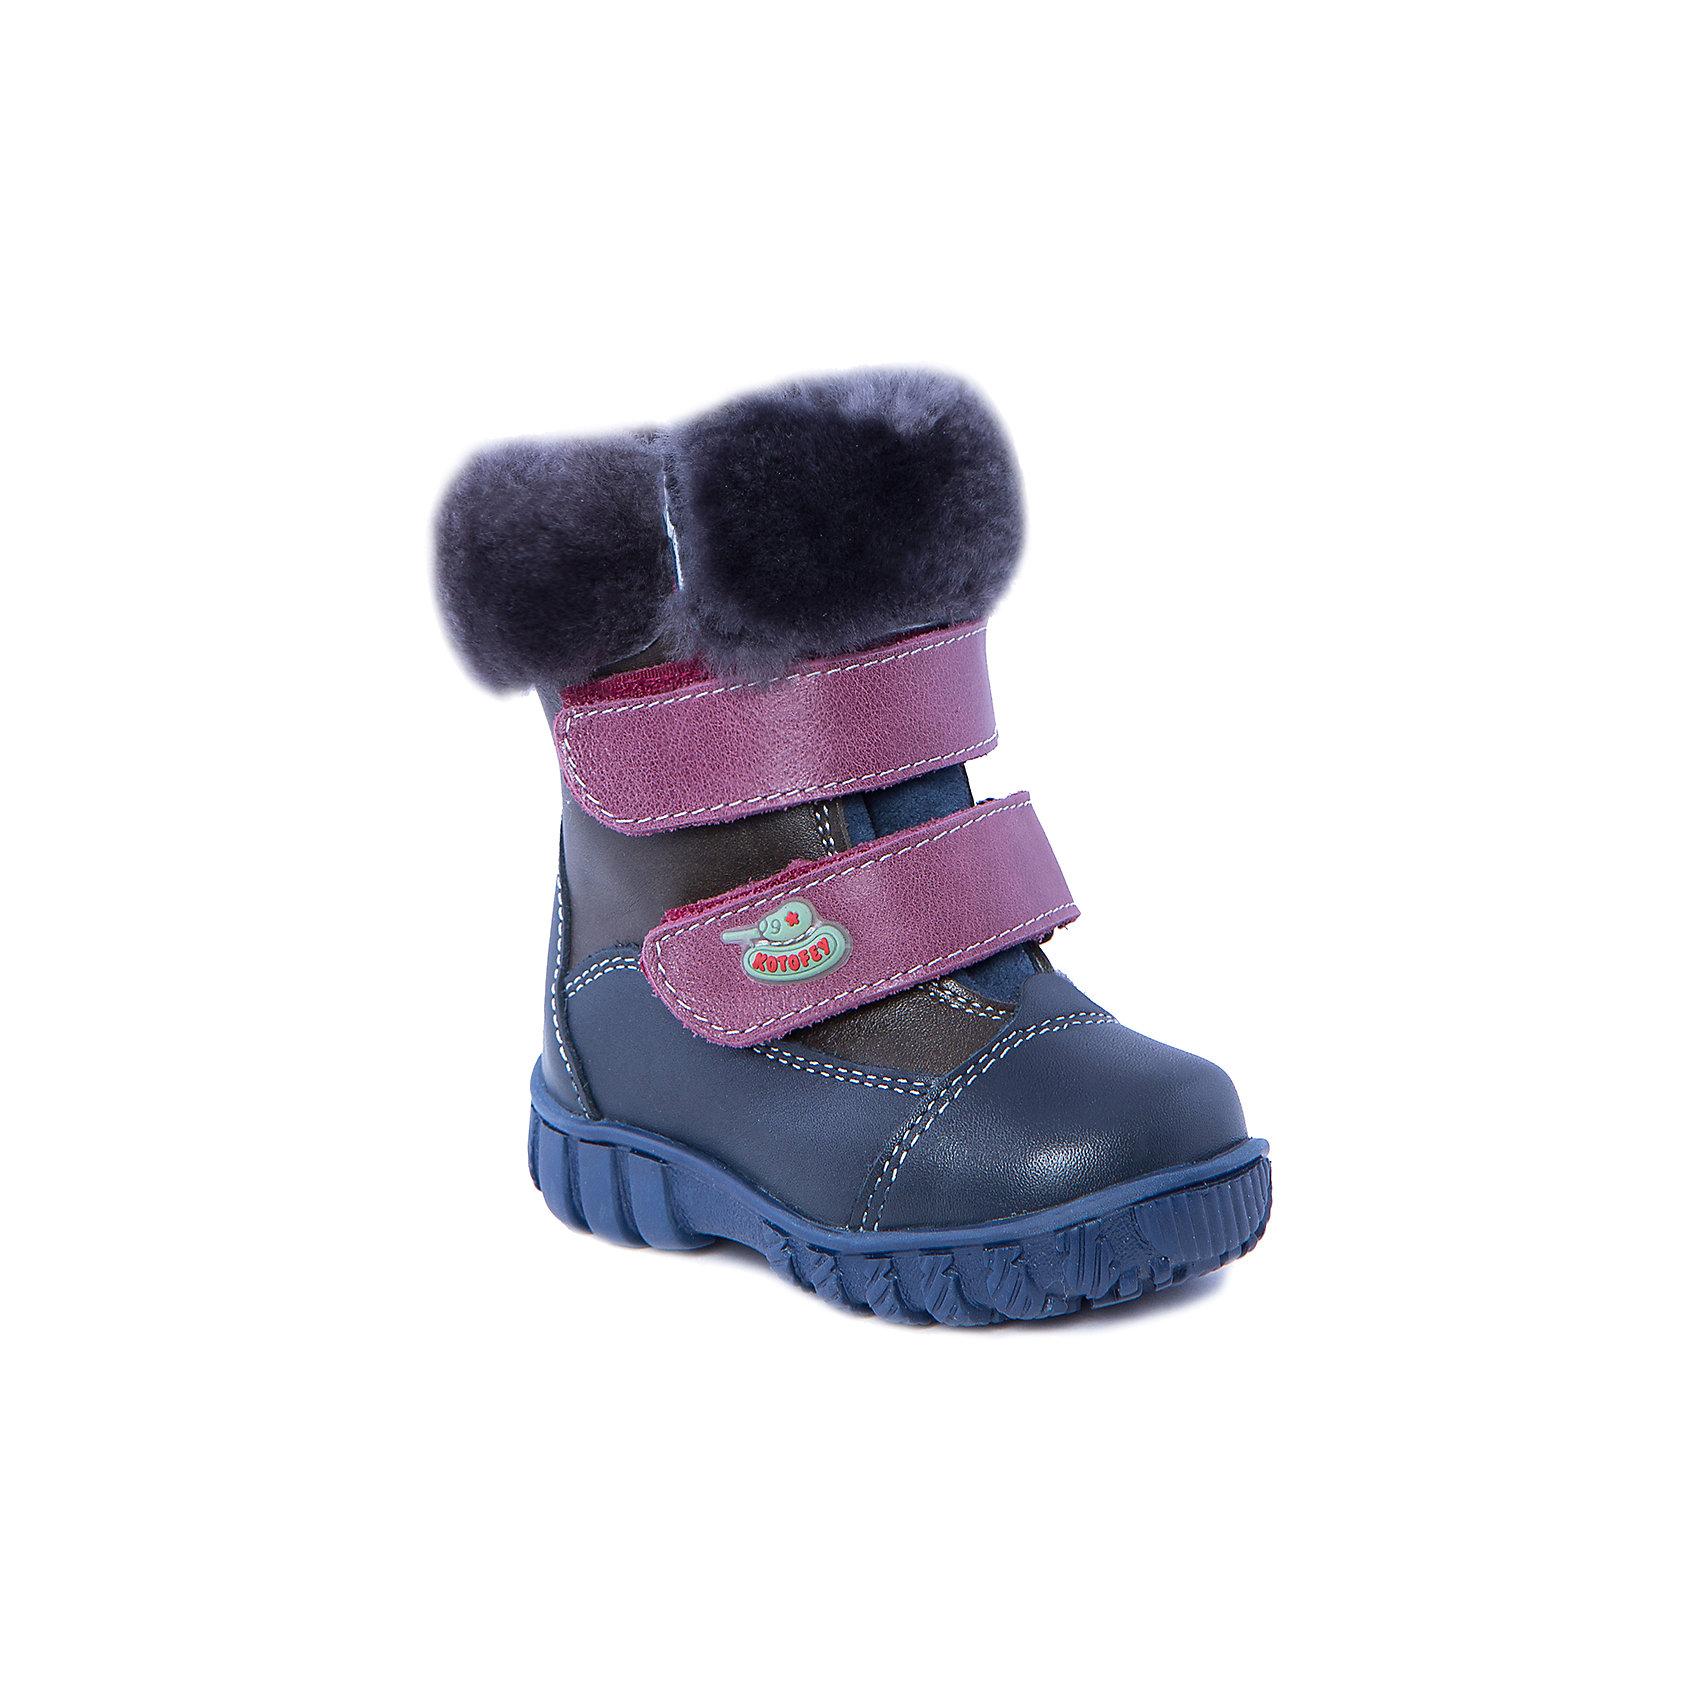 Сапоги для мальчика КотофейСапоги для мальчика от известного российского бренда Котофей<br><br>Модные и удобные сапоги помогут защитить детские ножки от сырости и холода. Они легко надеваются, комфортно садятся по ноге.<br><br>Особенности модели: <br><br>- цвет - синий;<br>- меховые отвороты;<br>- аппликация с танком;<br>- верх – натуральная кожа;<br>- комфортная колодка;<br>- подкладка утепленная;<br>- вид крепления – клеевой;<br>- защита пальцев;<br>- амортизирующая устойчивая подошва;<br>- застежка - липучка.<br><br>Дополнительная информация:<br><br>Температурный режим: <br><br>от 0° С до -25° С<br><br>Состав:<br>верх – натуральная кожа;<br>подкладка - овчина;<br>подошва - ТЭП.<br><br>Сапоги для мальчика Котофей можно купить в нашем магазине.<br><br>Ширина мм: 257<br>Глубина мм: 180<br>Высота мм: 130<br>Вес г: 420<br>Цвет: синий<br>Возраст от месяцев: 12<br>Возраст до месяцев: 15<br>Пол: Мужской<br>Возраст: Детский<br>Размер: 21,22,20<br>SKU: 4315175